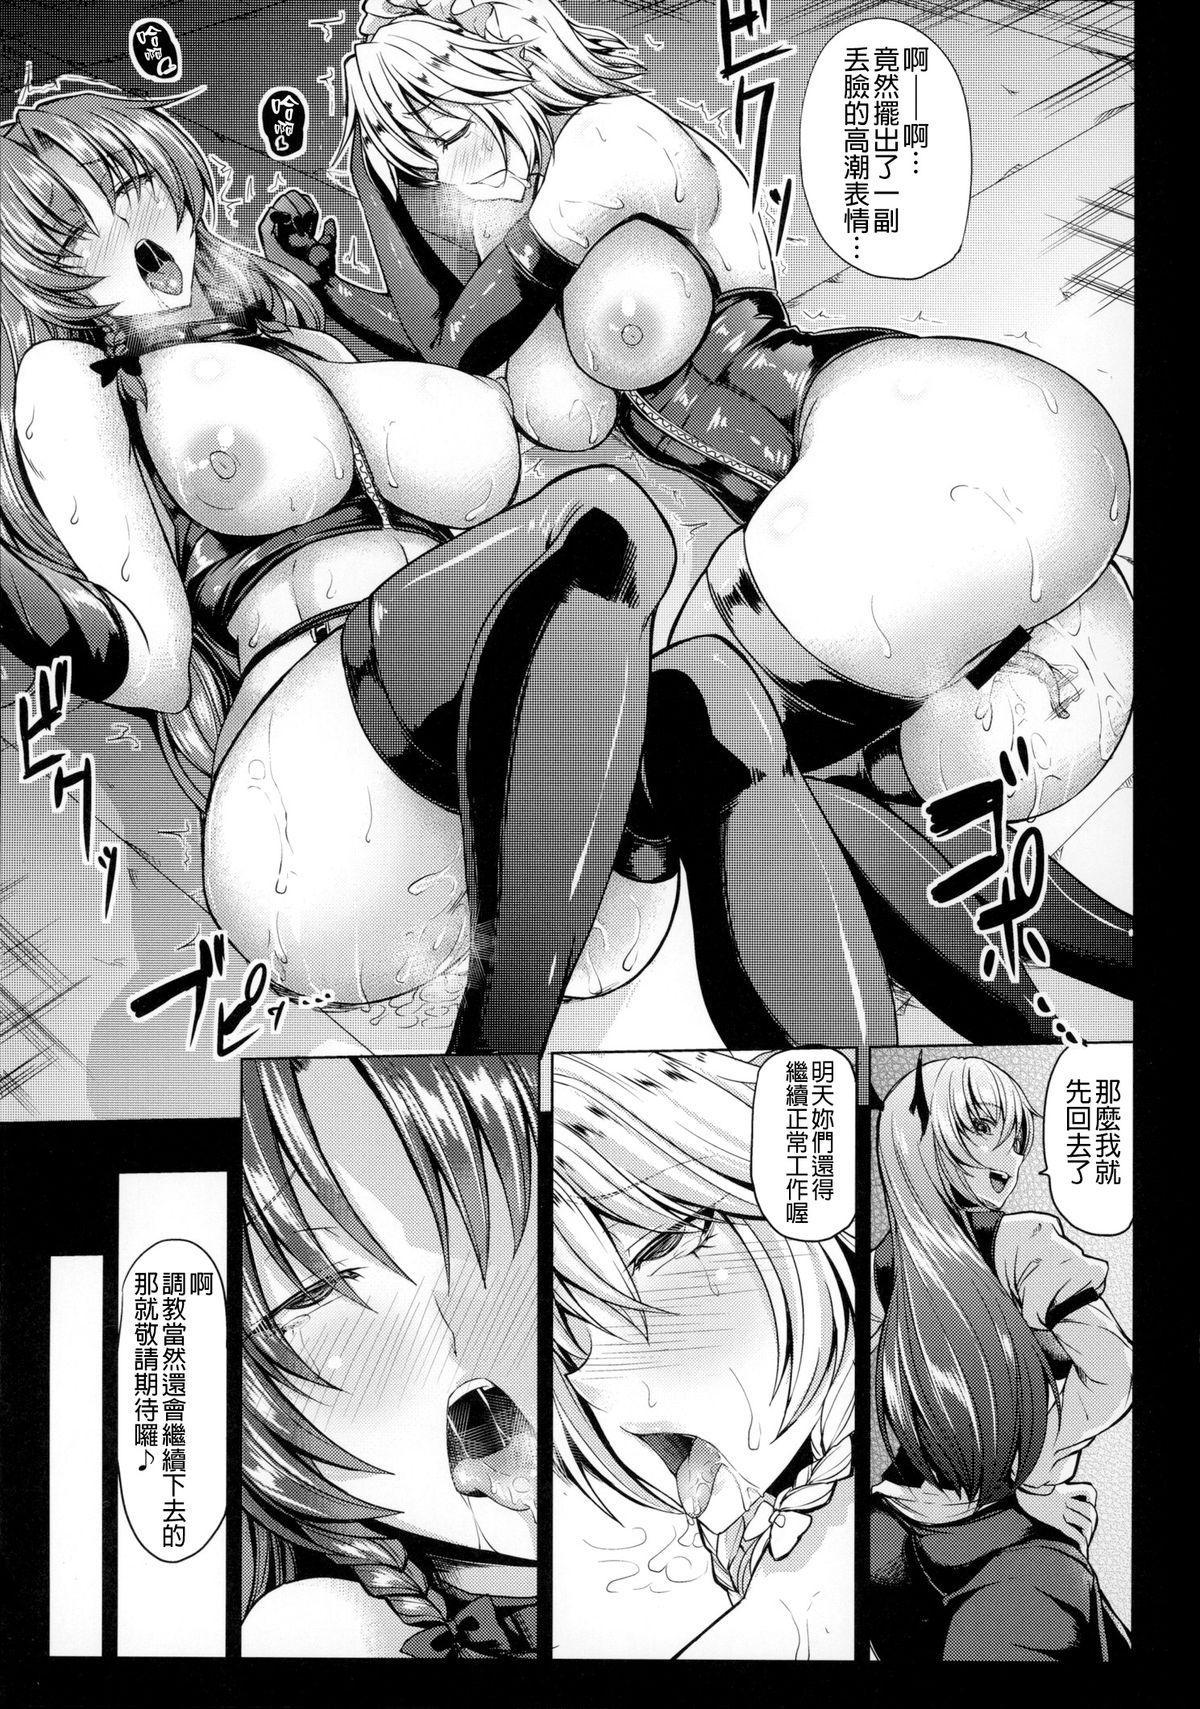 MeiSaku Choukyou Nikki 11